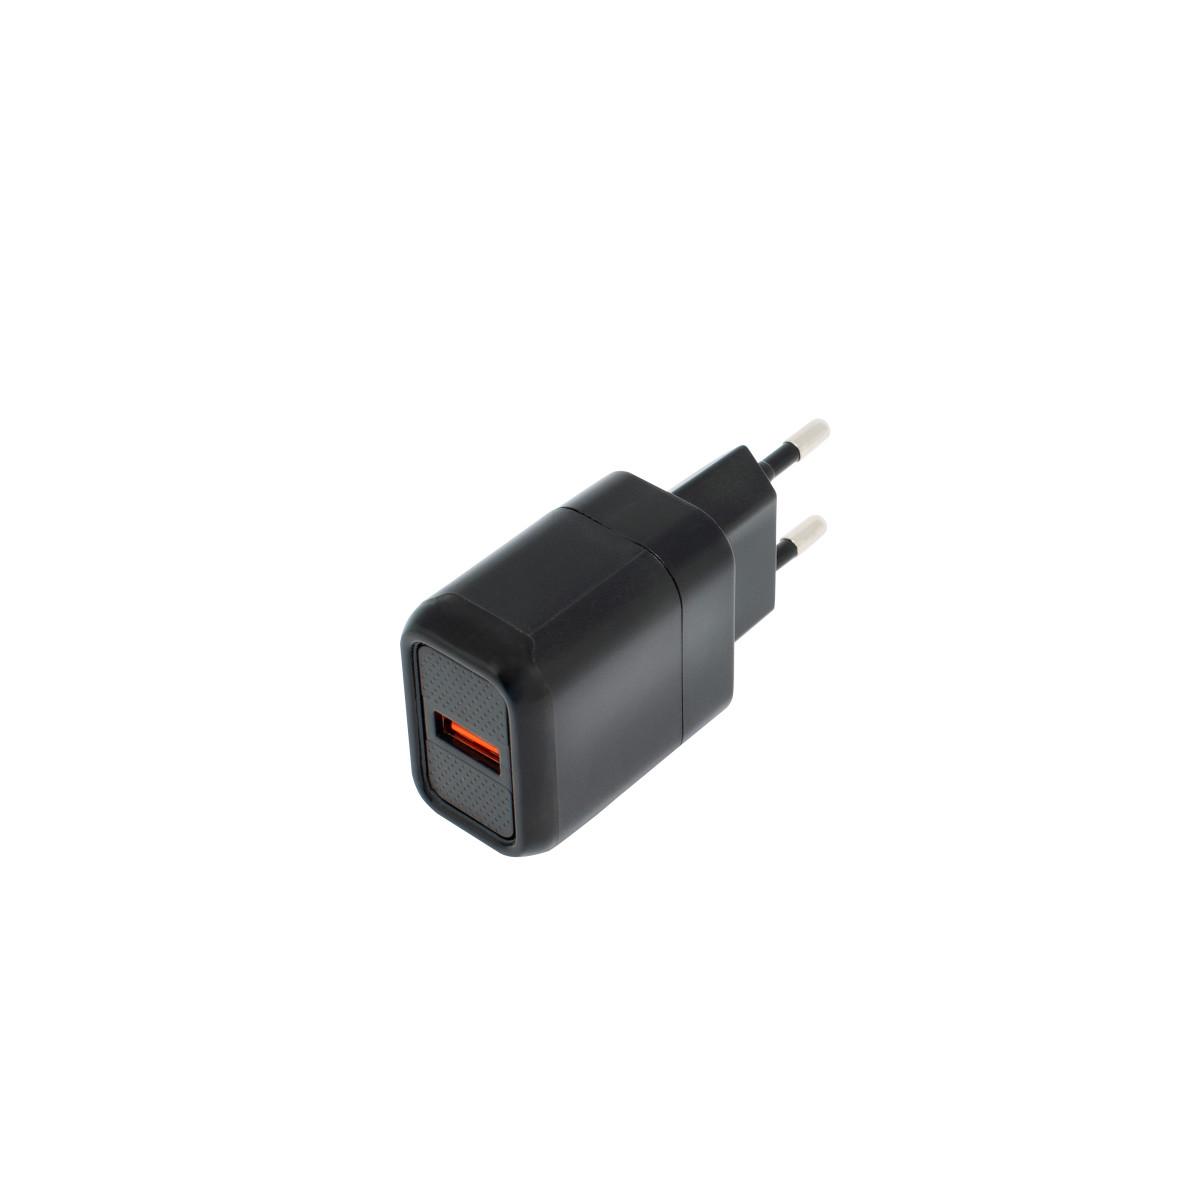 Зарядное устройство Oxion OX-QC310 быстрое